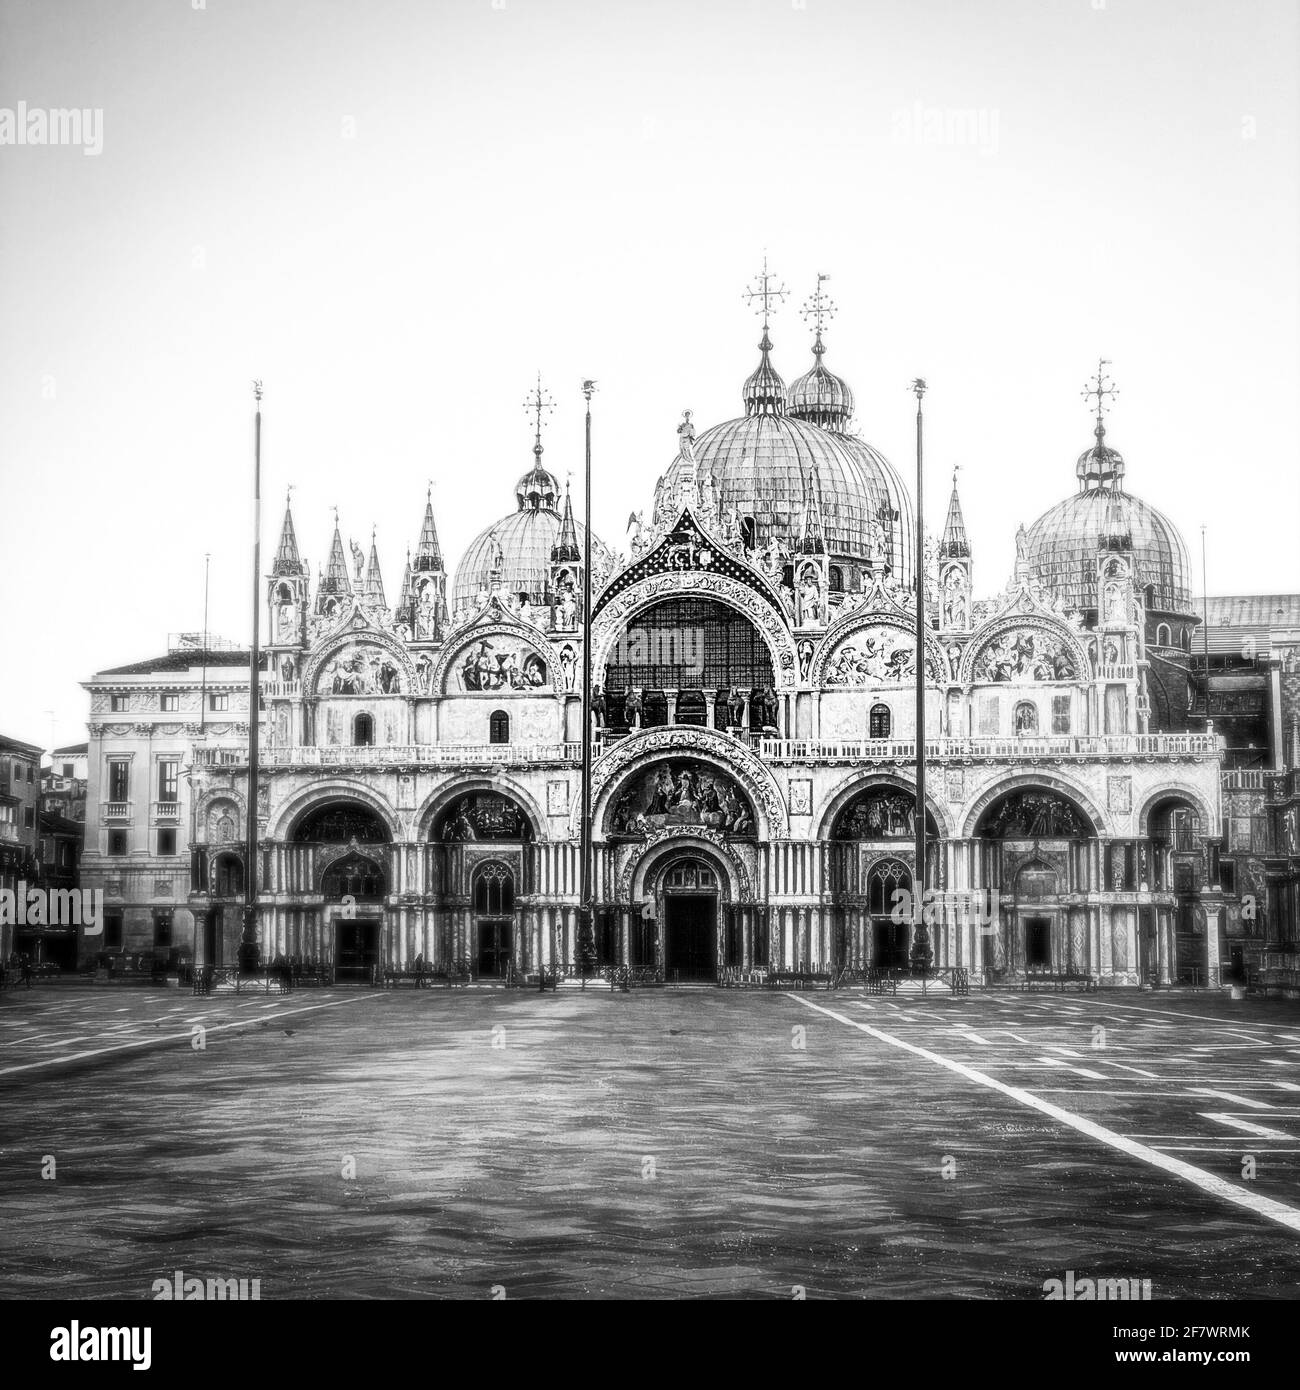 Immagine in bianco e nero della Basilica di San Marco e. Piazza San Marco Foto Stock